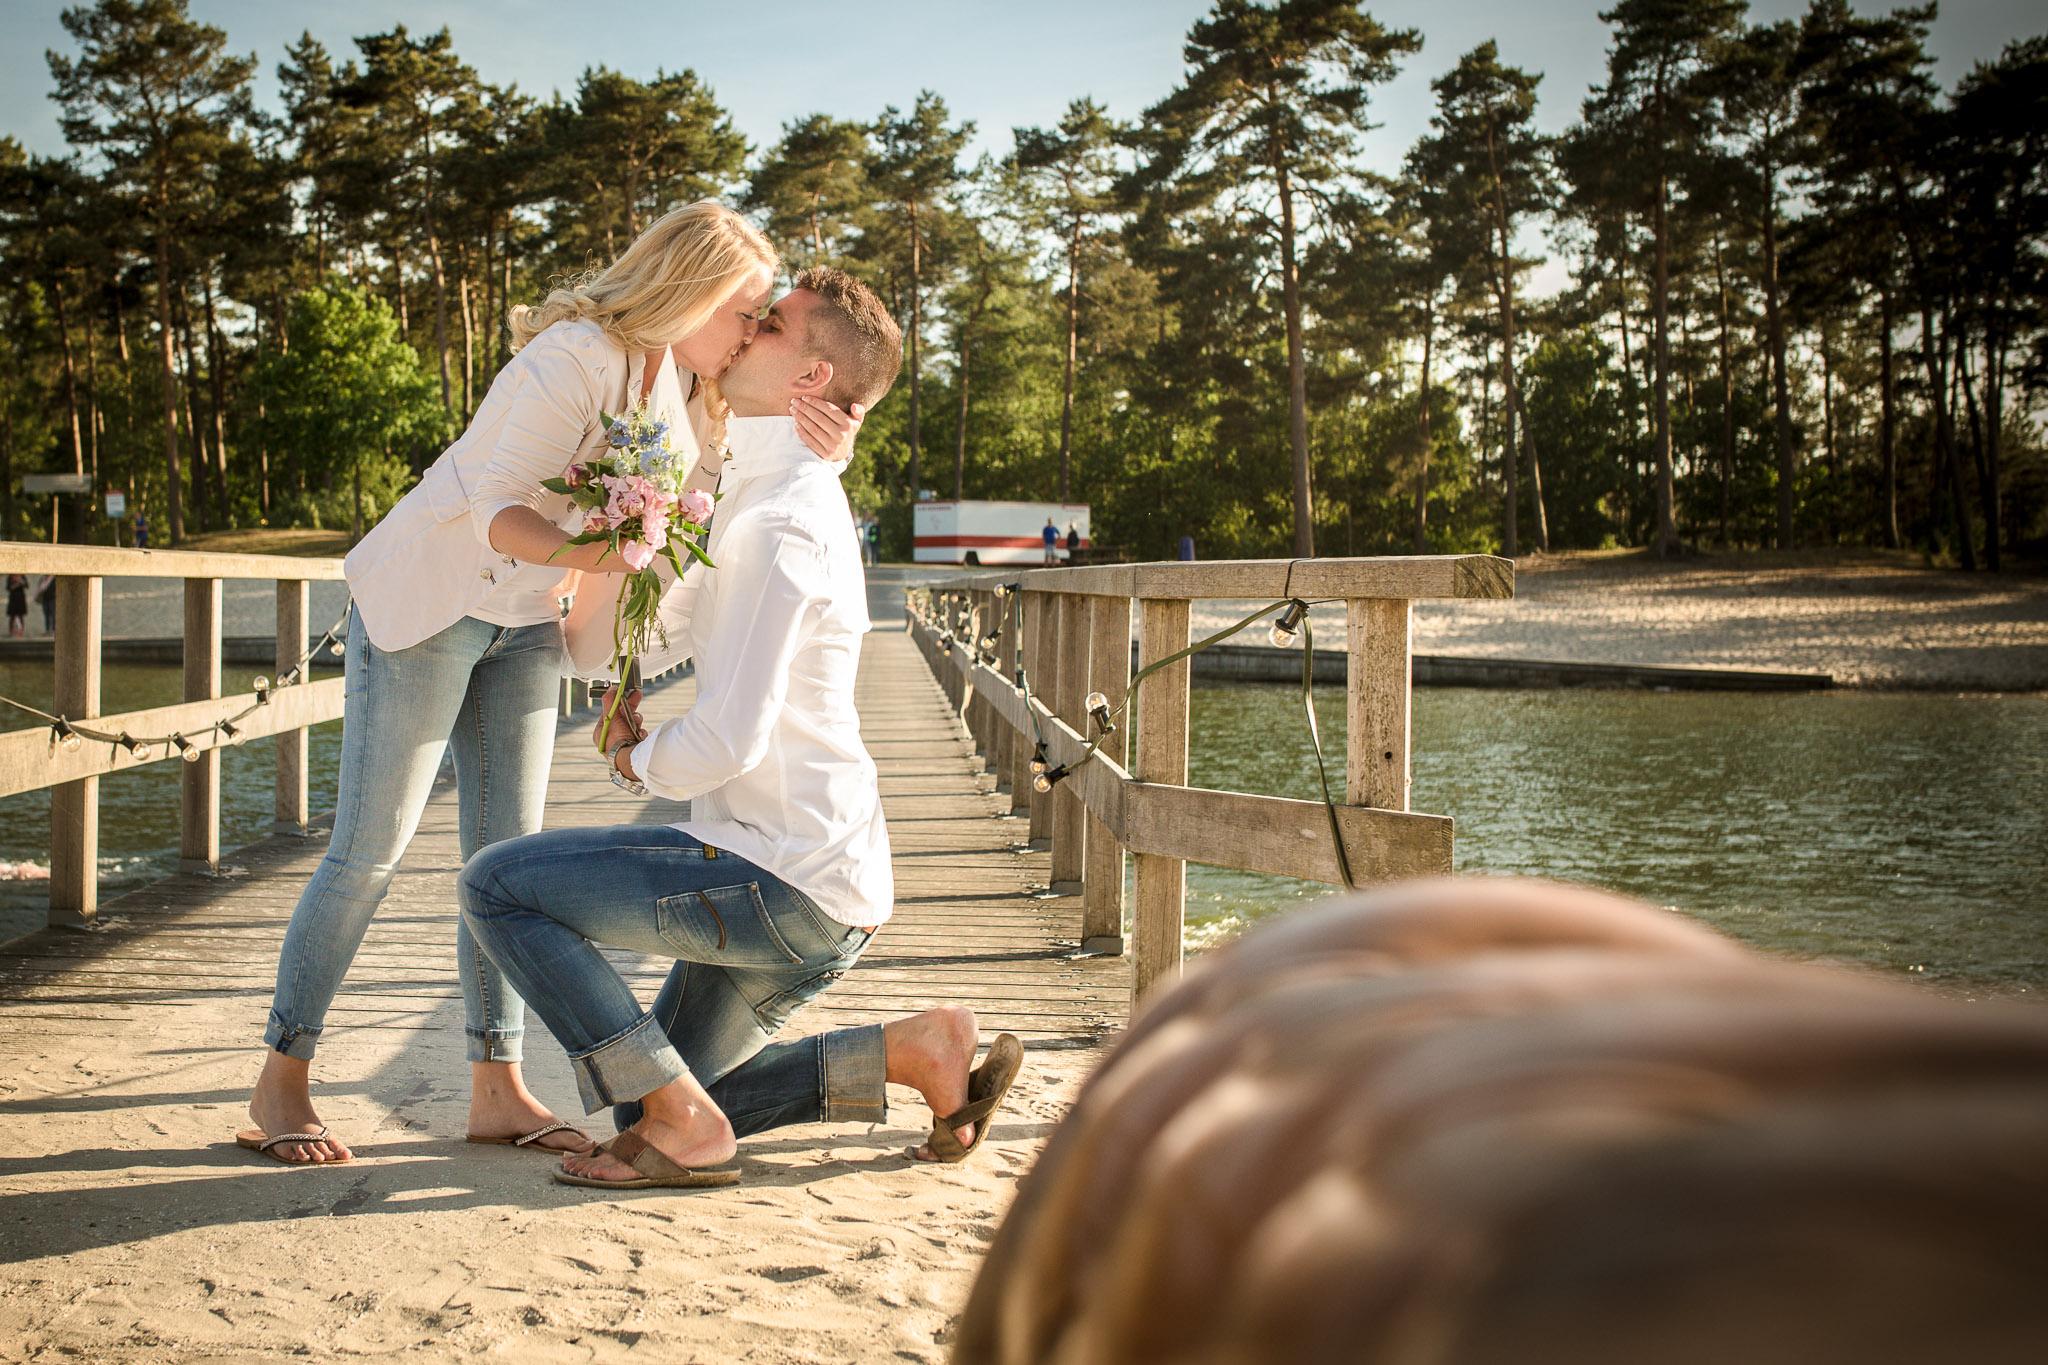 Huwelijksaanzoek laten fotograferen